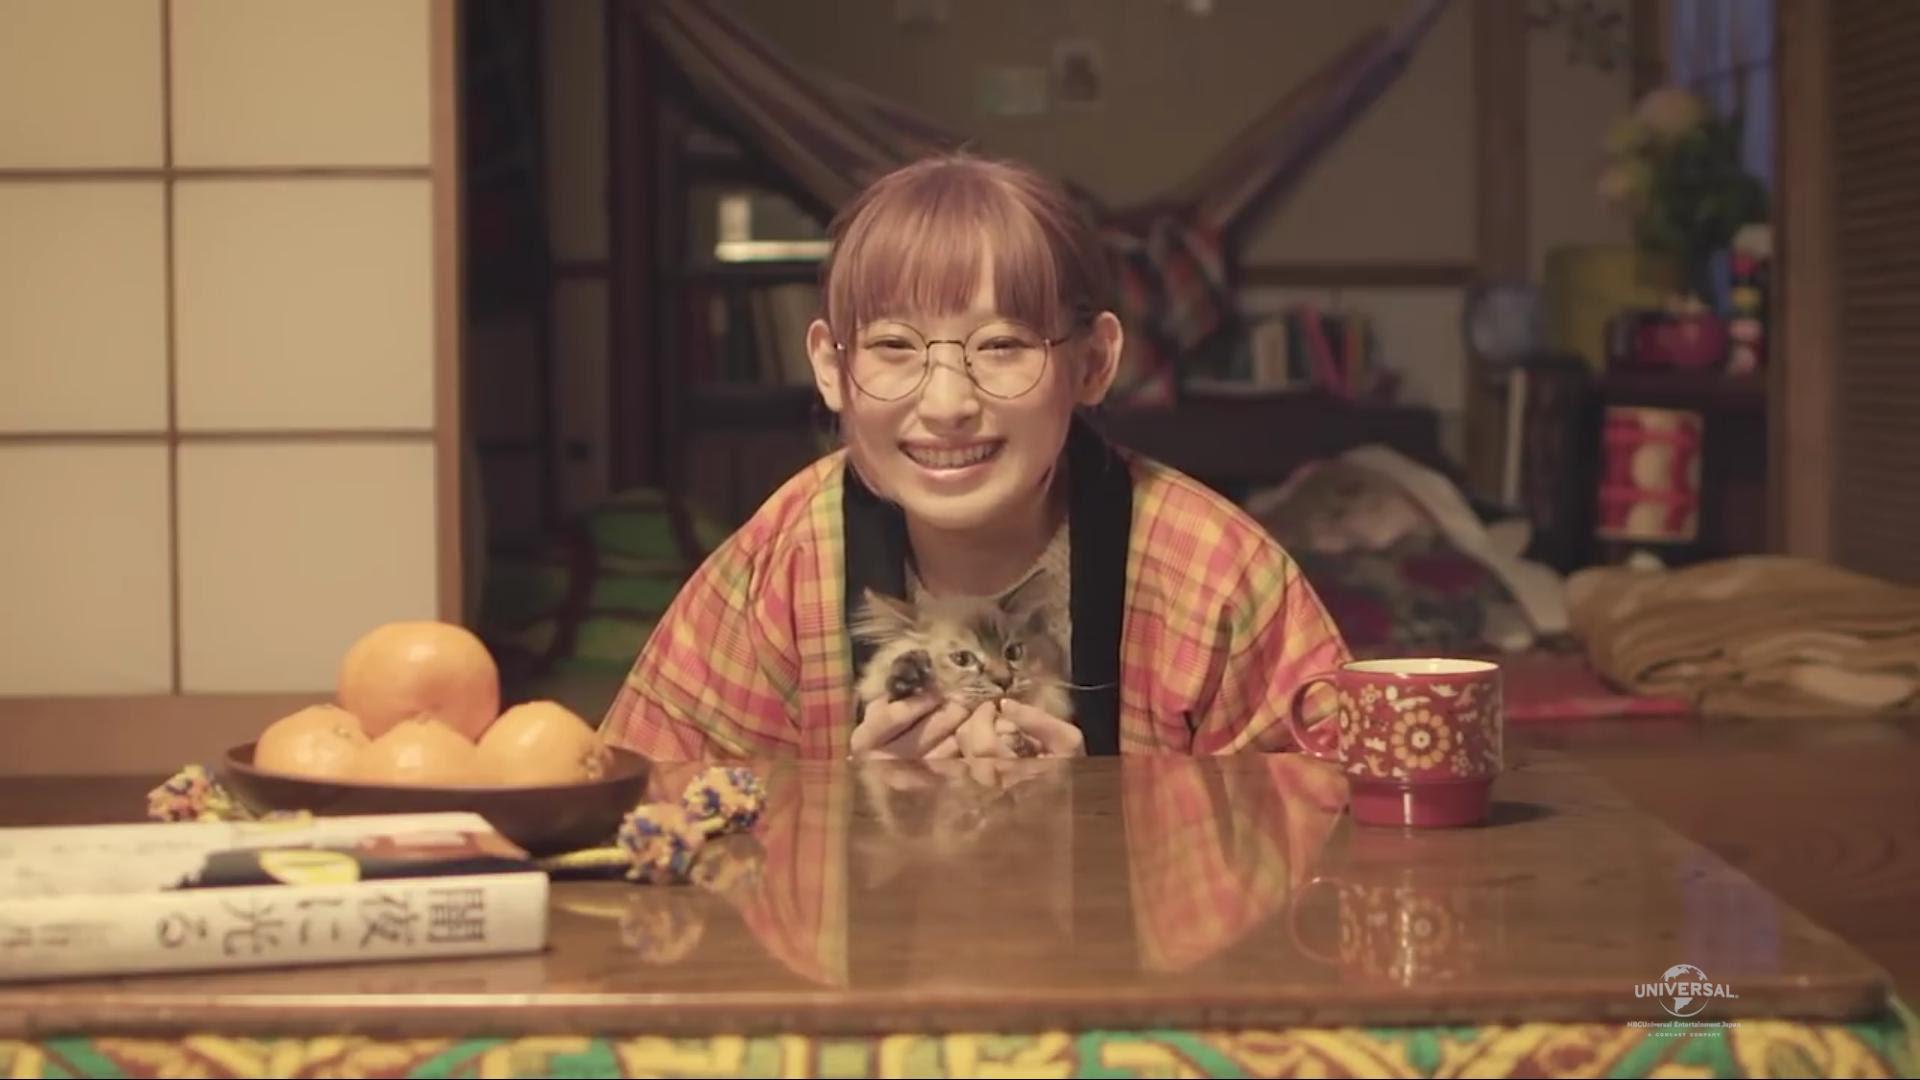 声優 南條愛乃ちゃん 34歳と6ヶ月 の最新メチャカワ画像